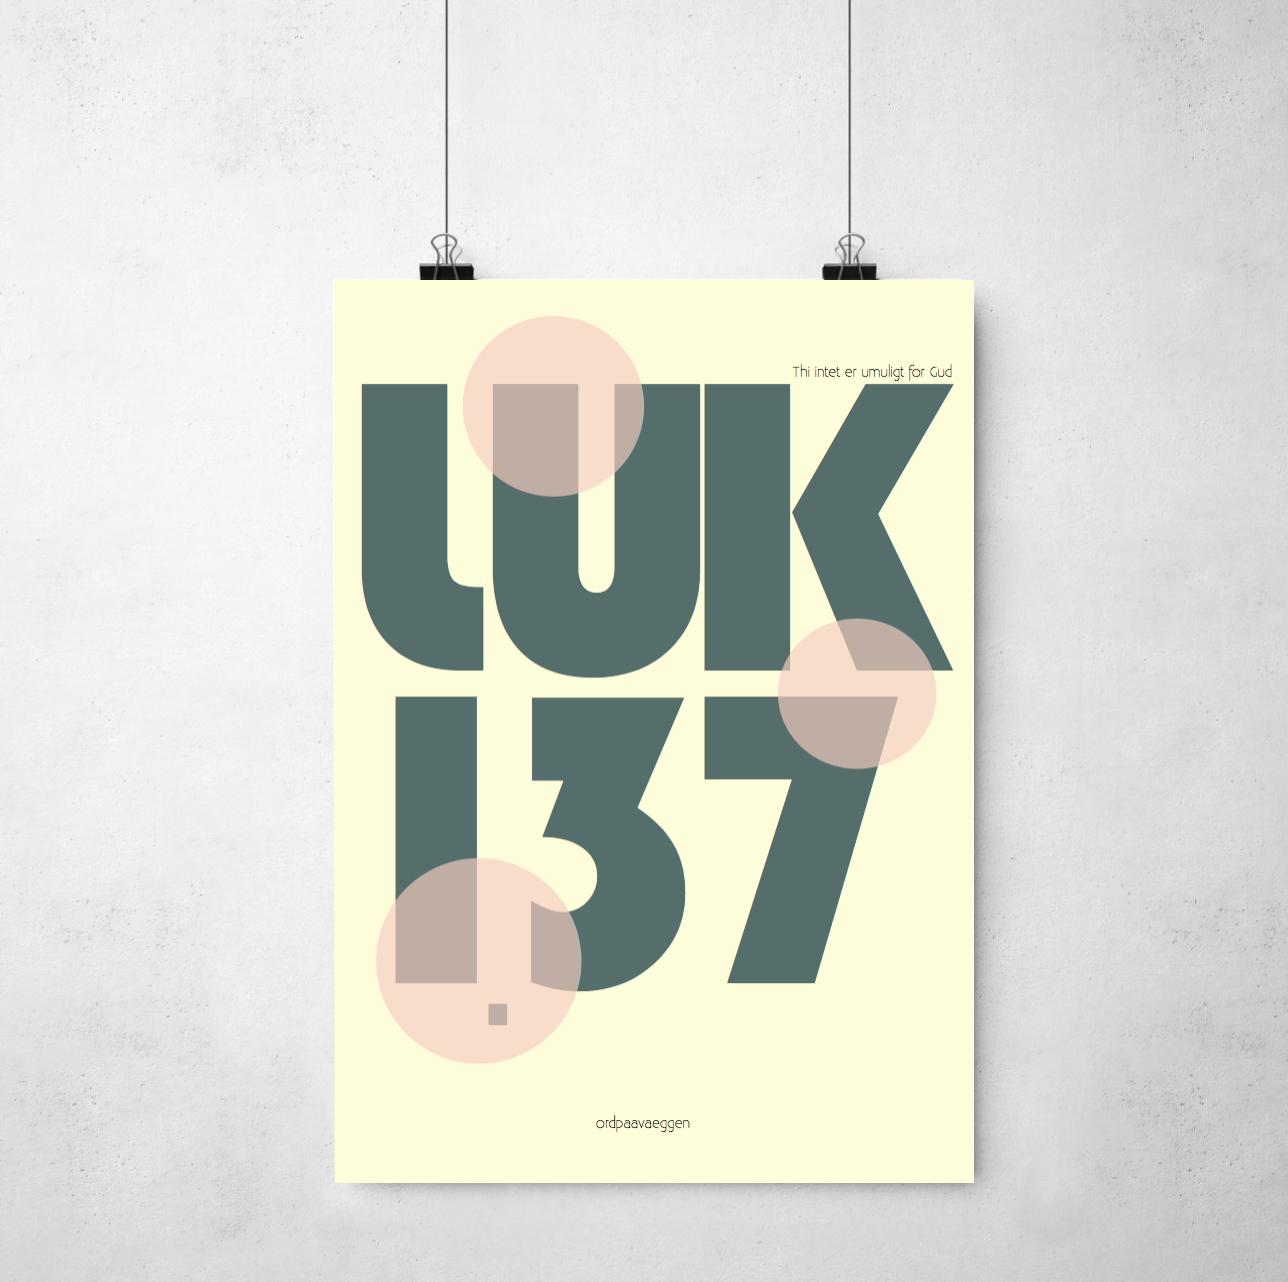 LUK 1, 37